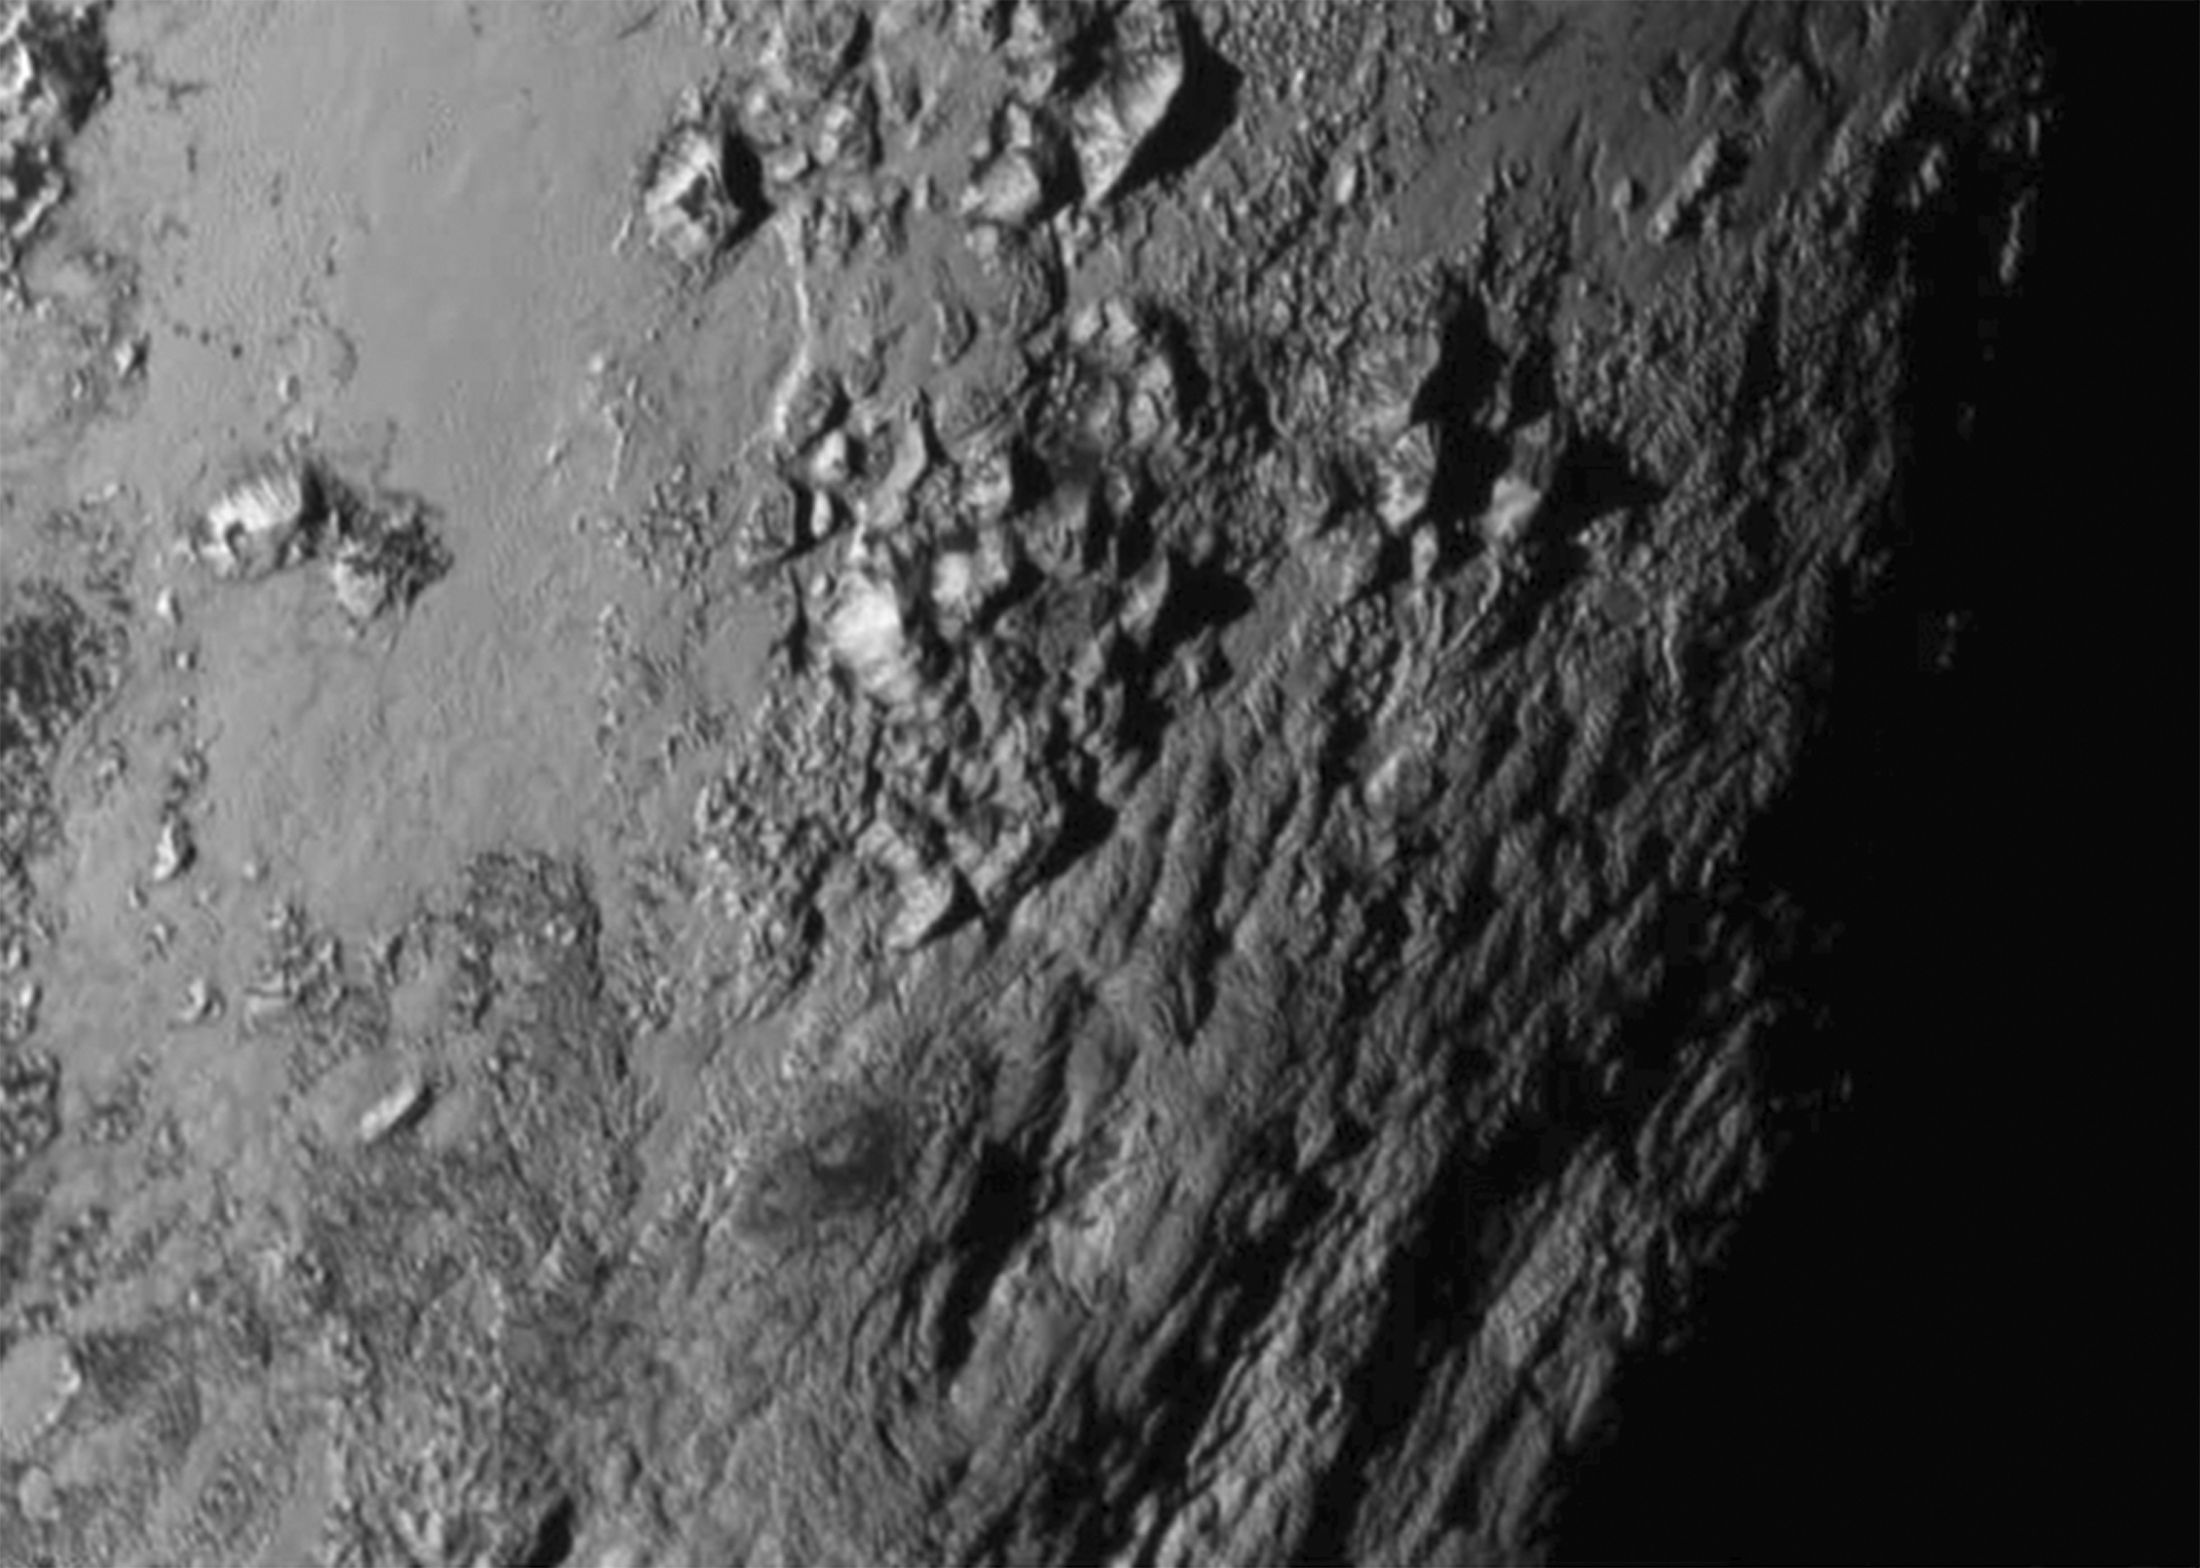 Primeira imagem da superfície de Plutão revela paisagem montanhosa / Nasa